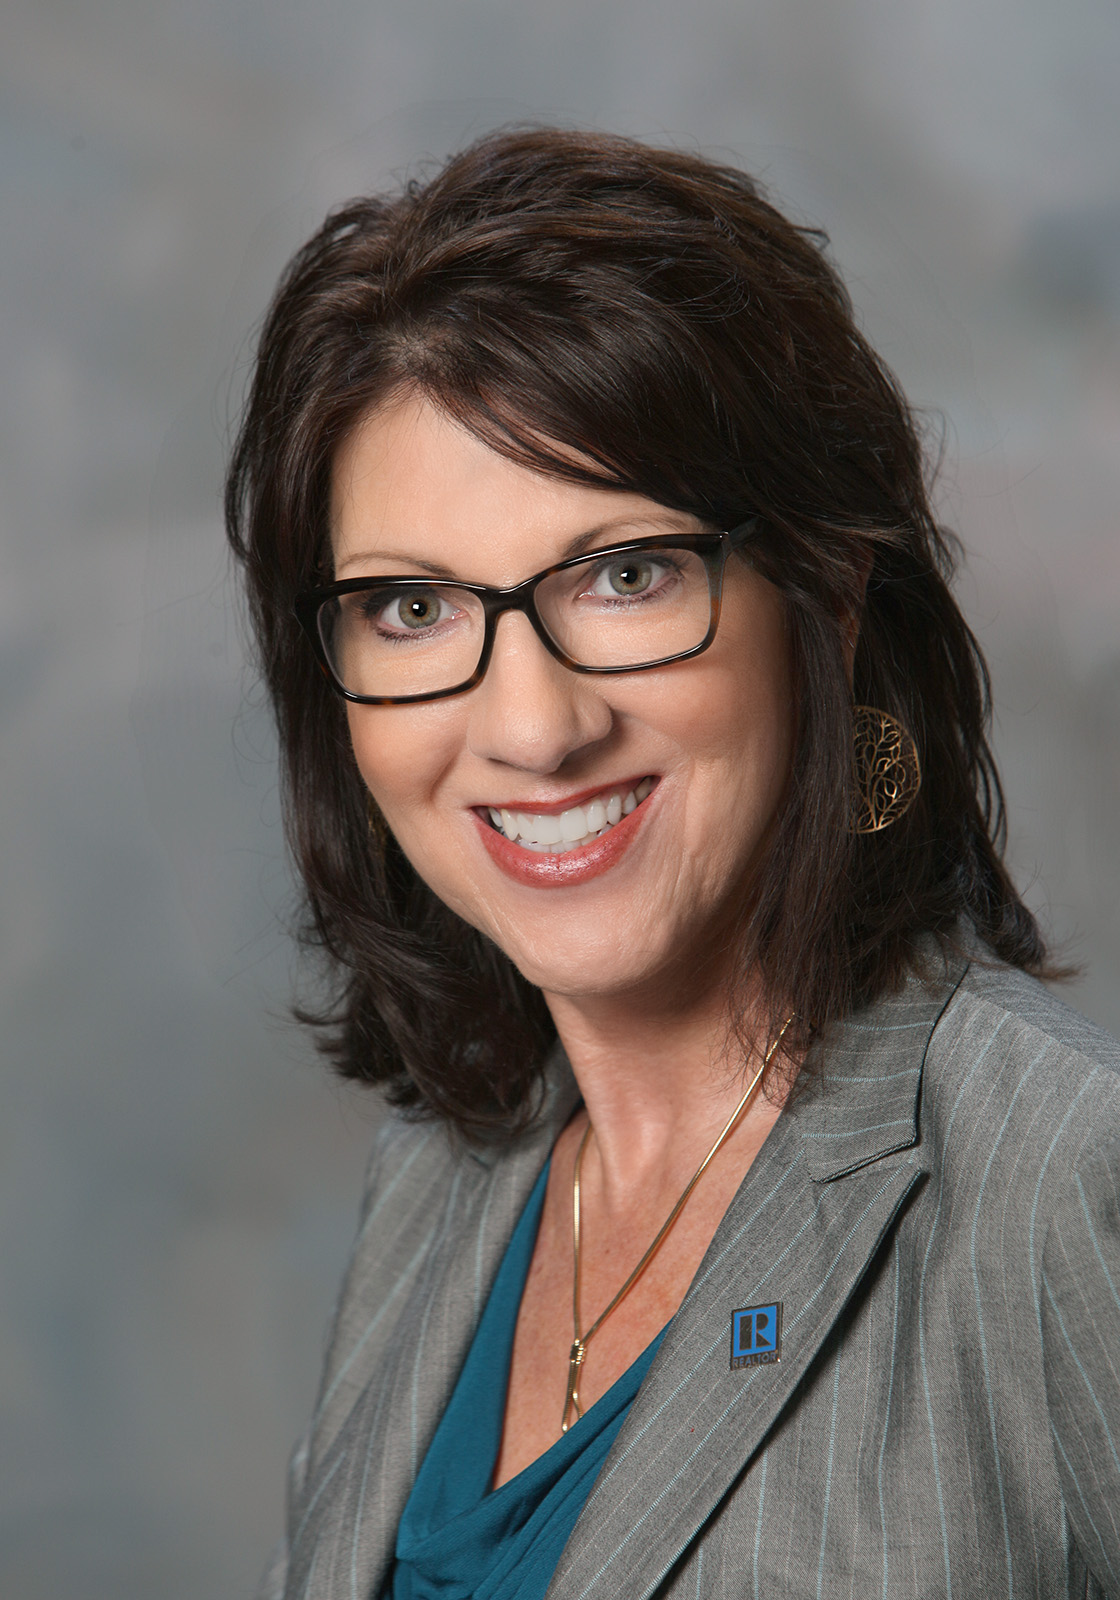 Julie Burgey Kehoe